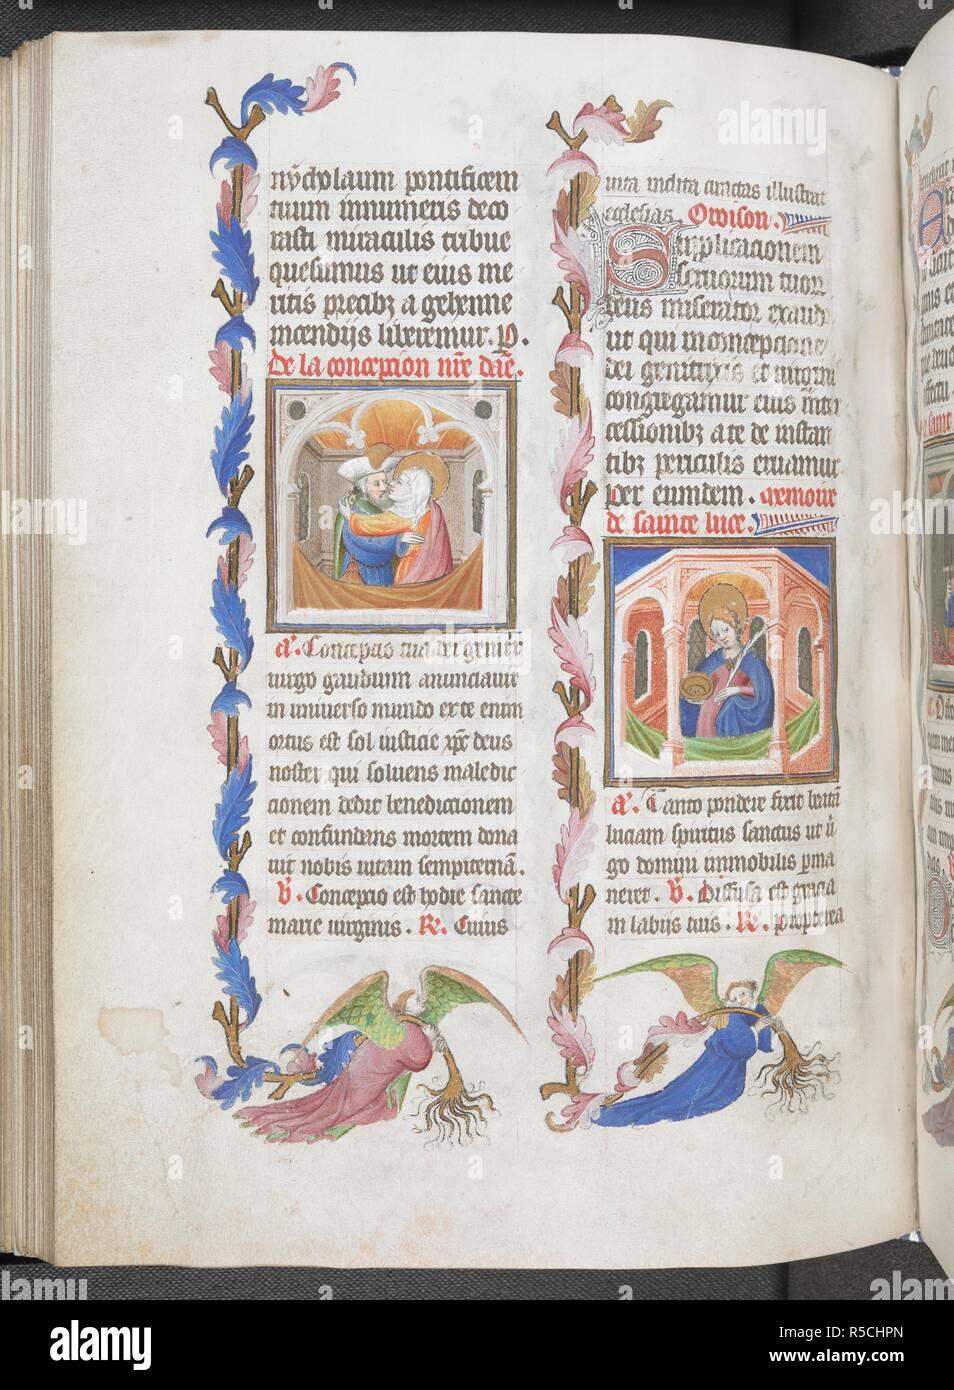 Santa Lucia Calendario.Joachim Abrazando A Anna La Concepcion De La Virgen Santa